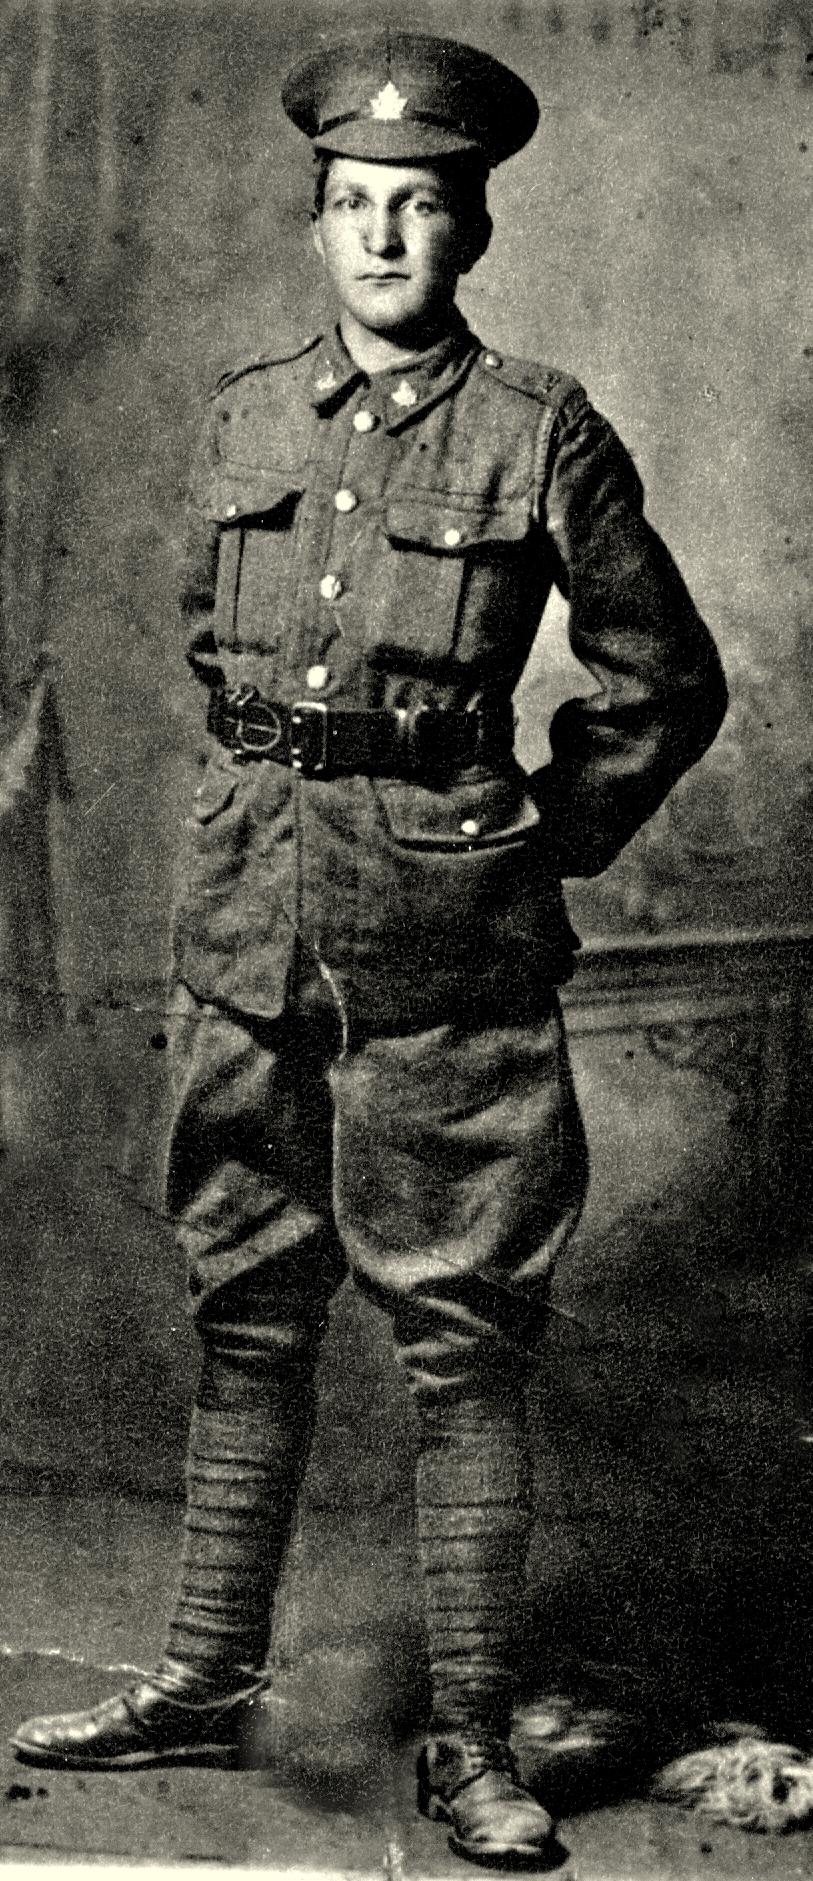 Photo of Louis Toney– Photo courtesy of Dr. John Joe Sark LLD